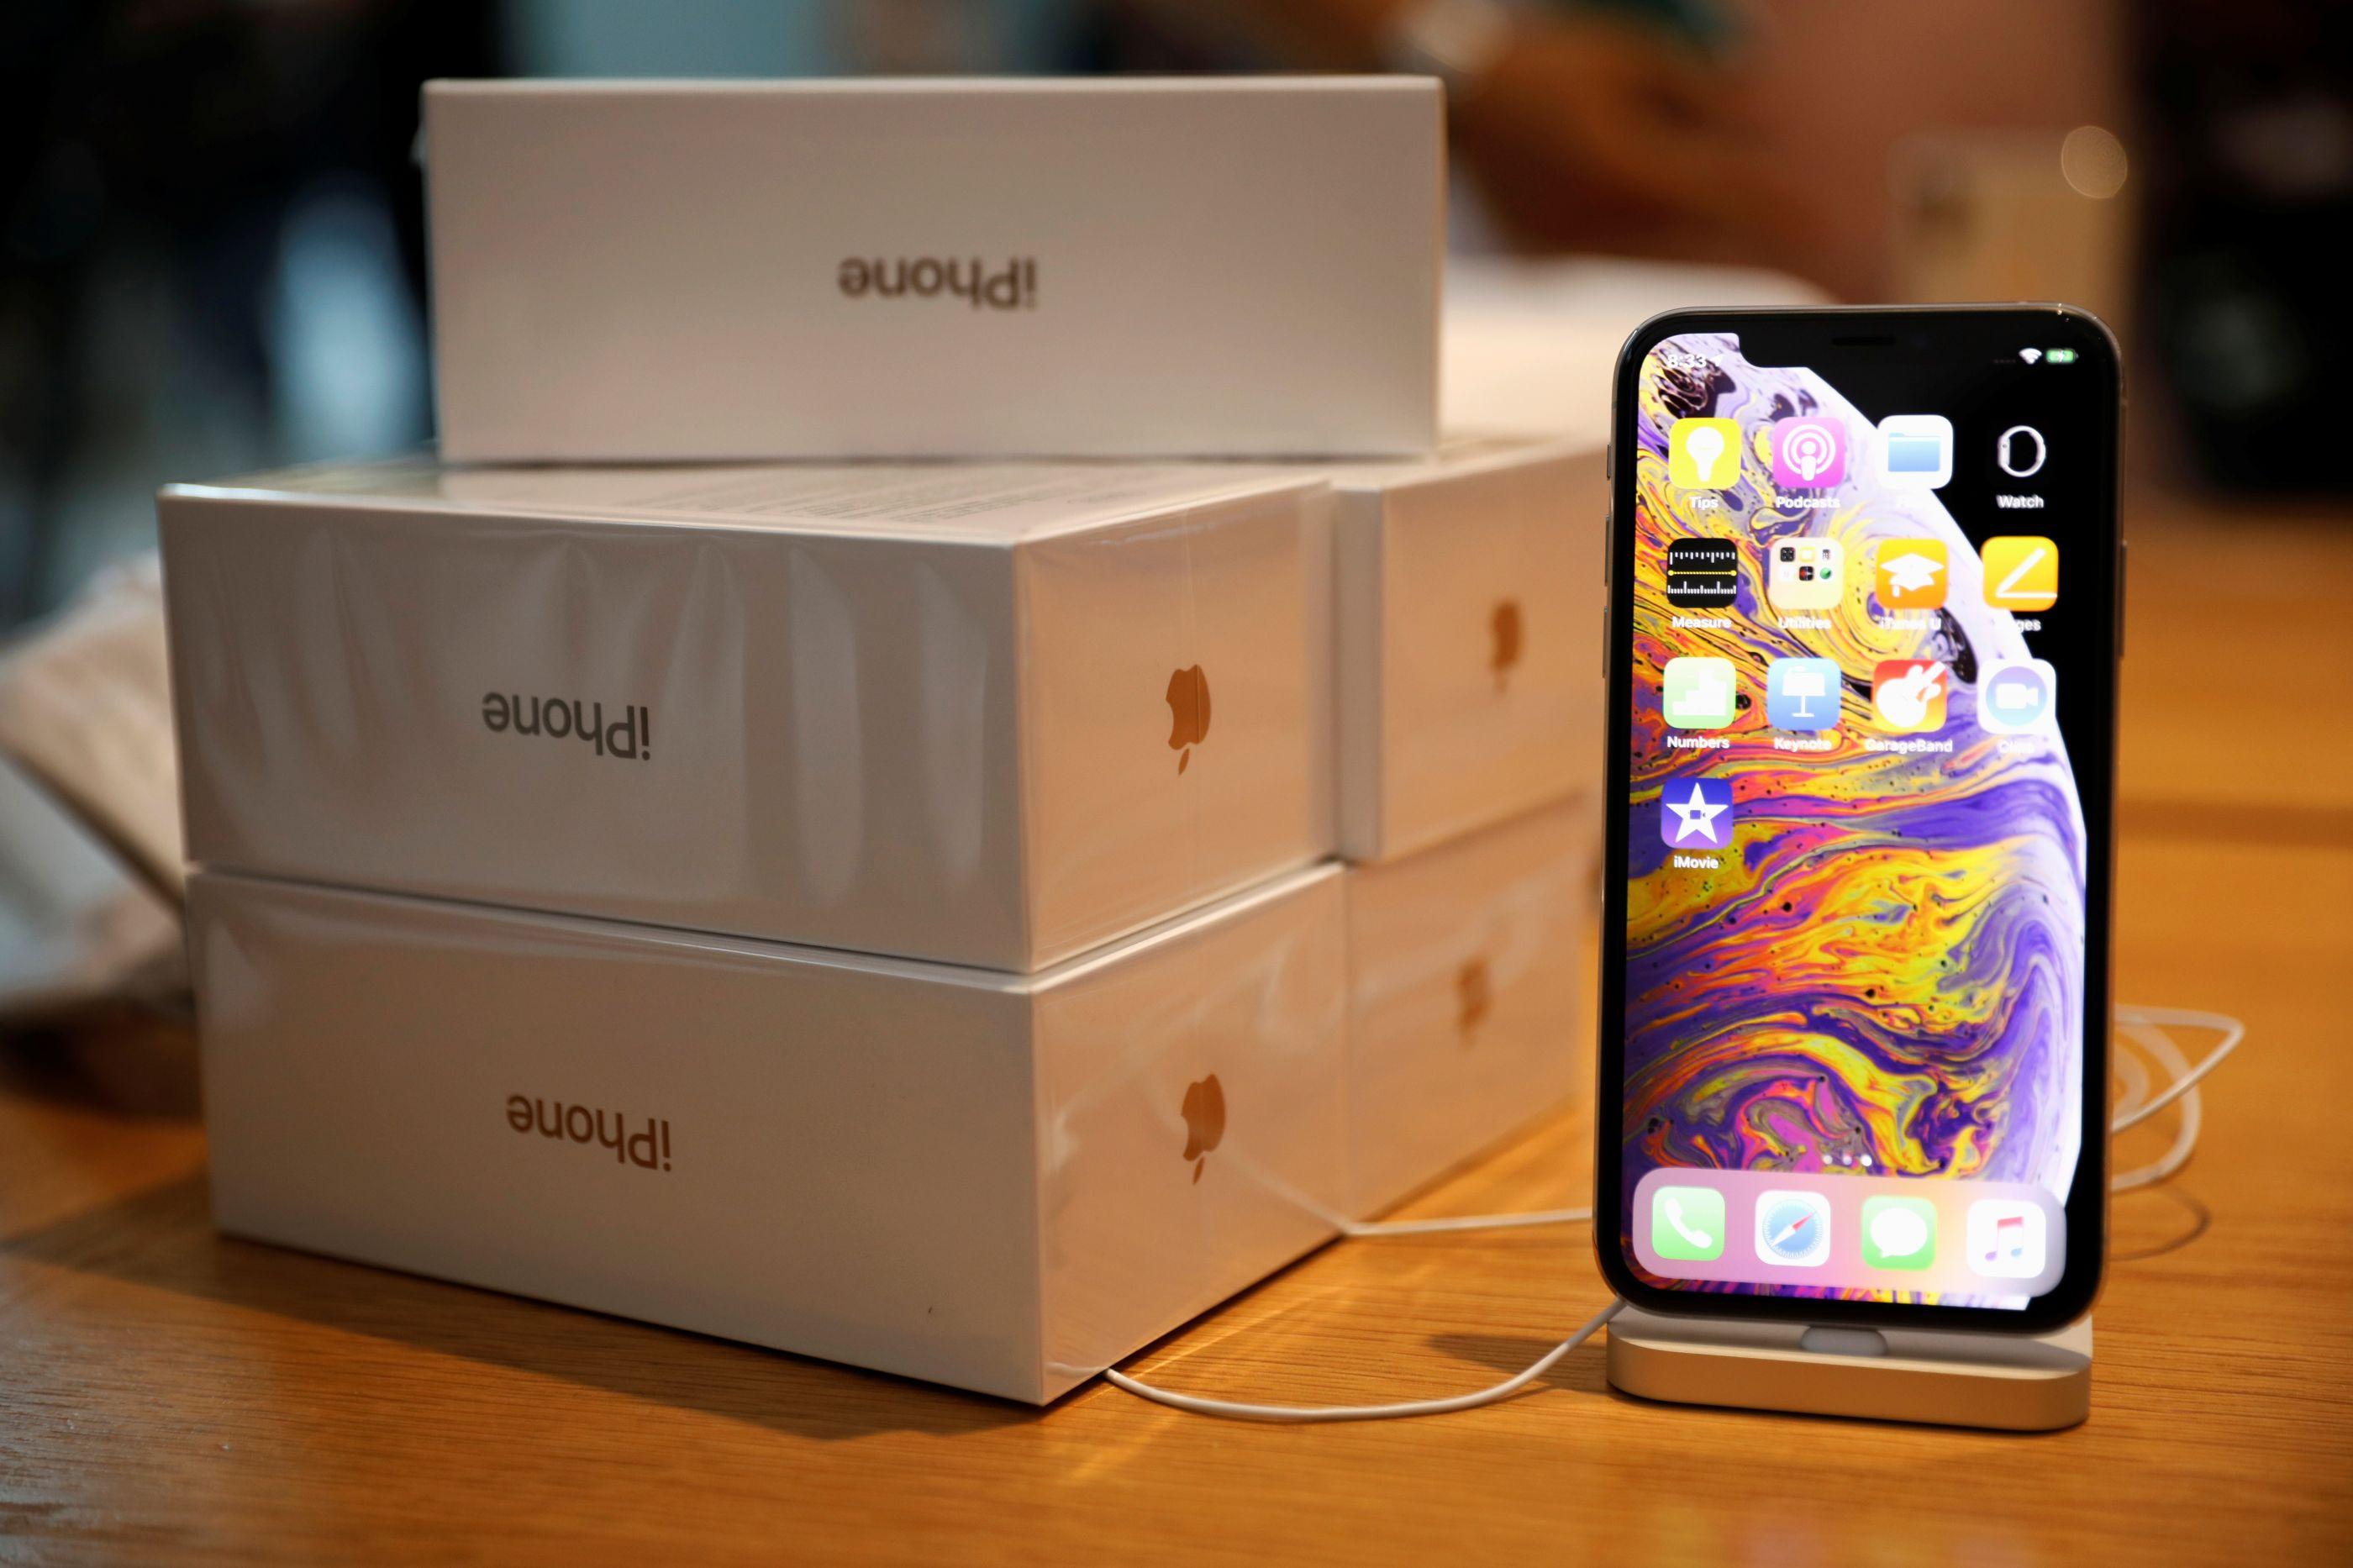 Testes provam que bateria de smartphones está cada vez pior